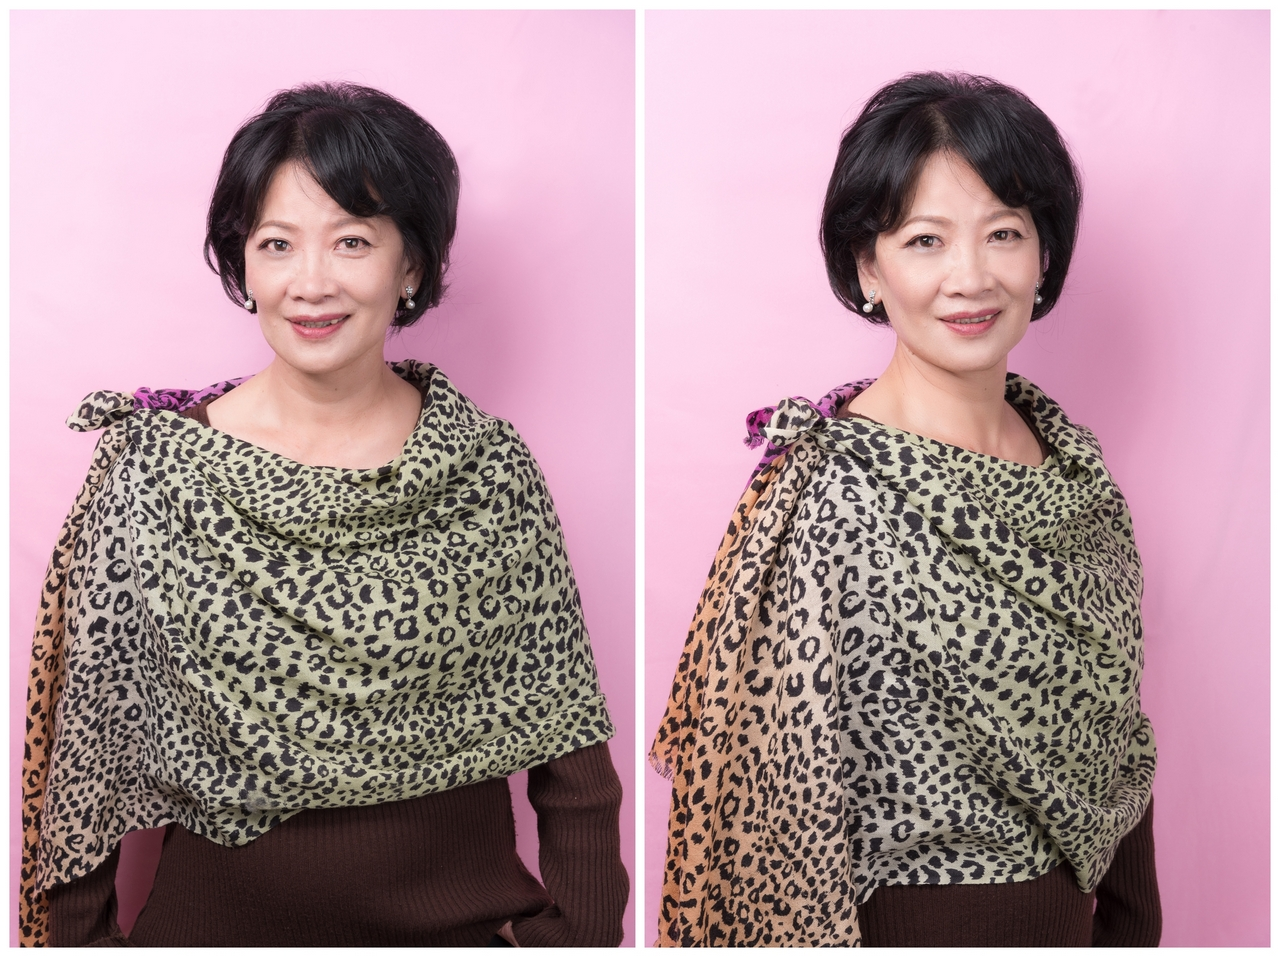 媽媽妝髮教學 新娘秘書基礎班課程